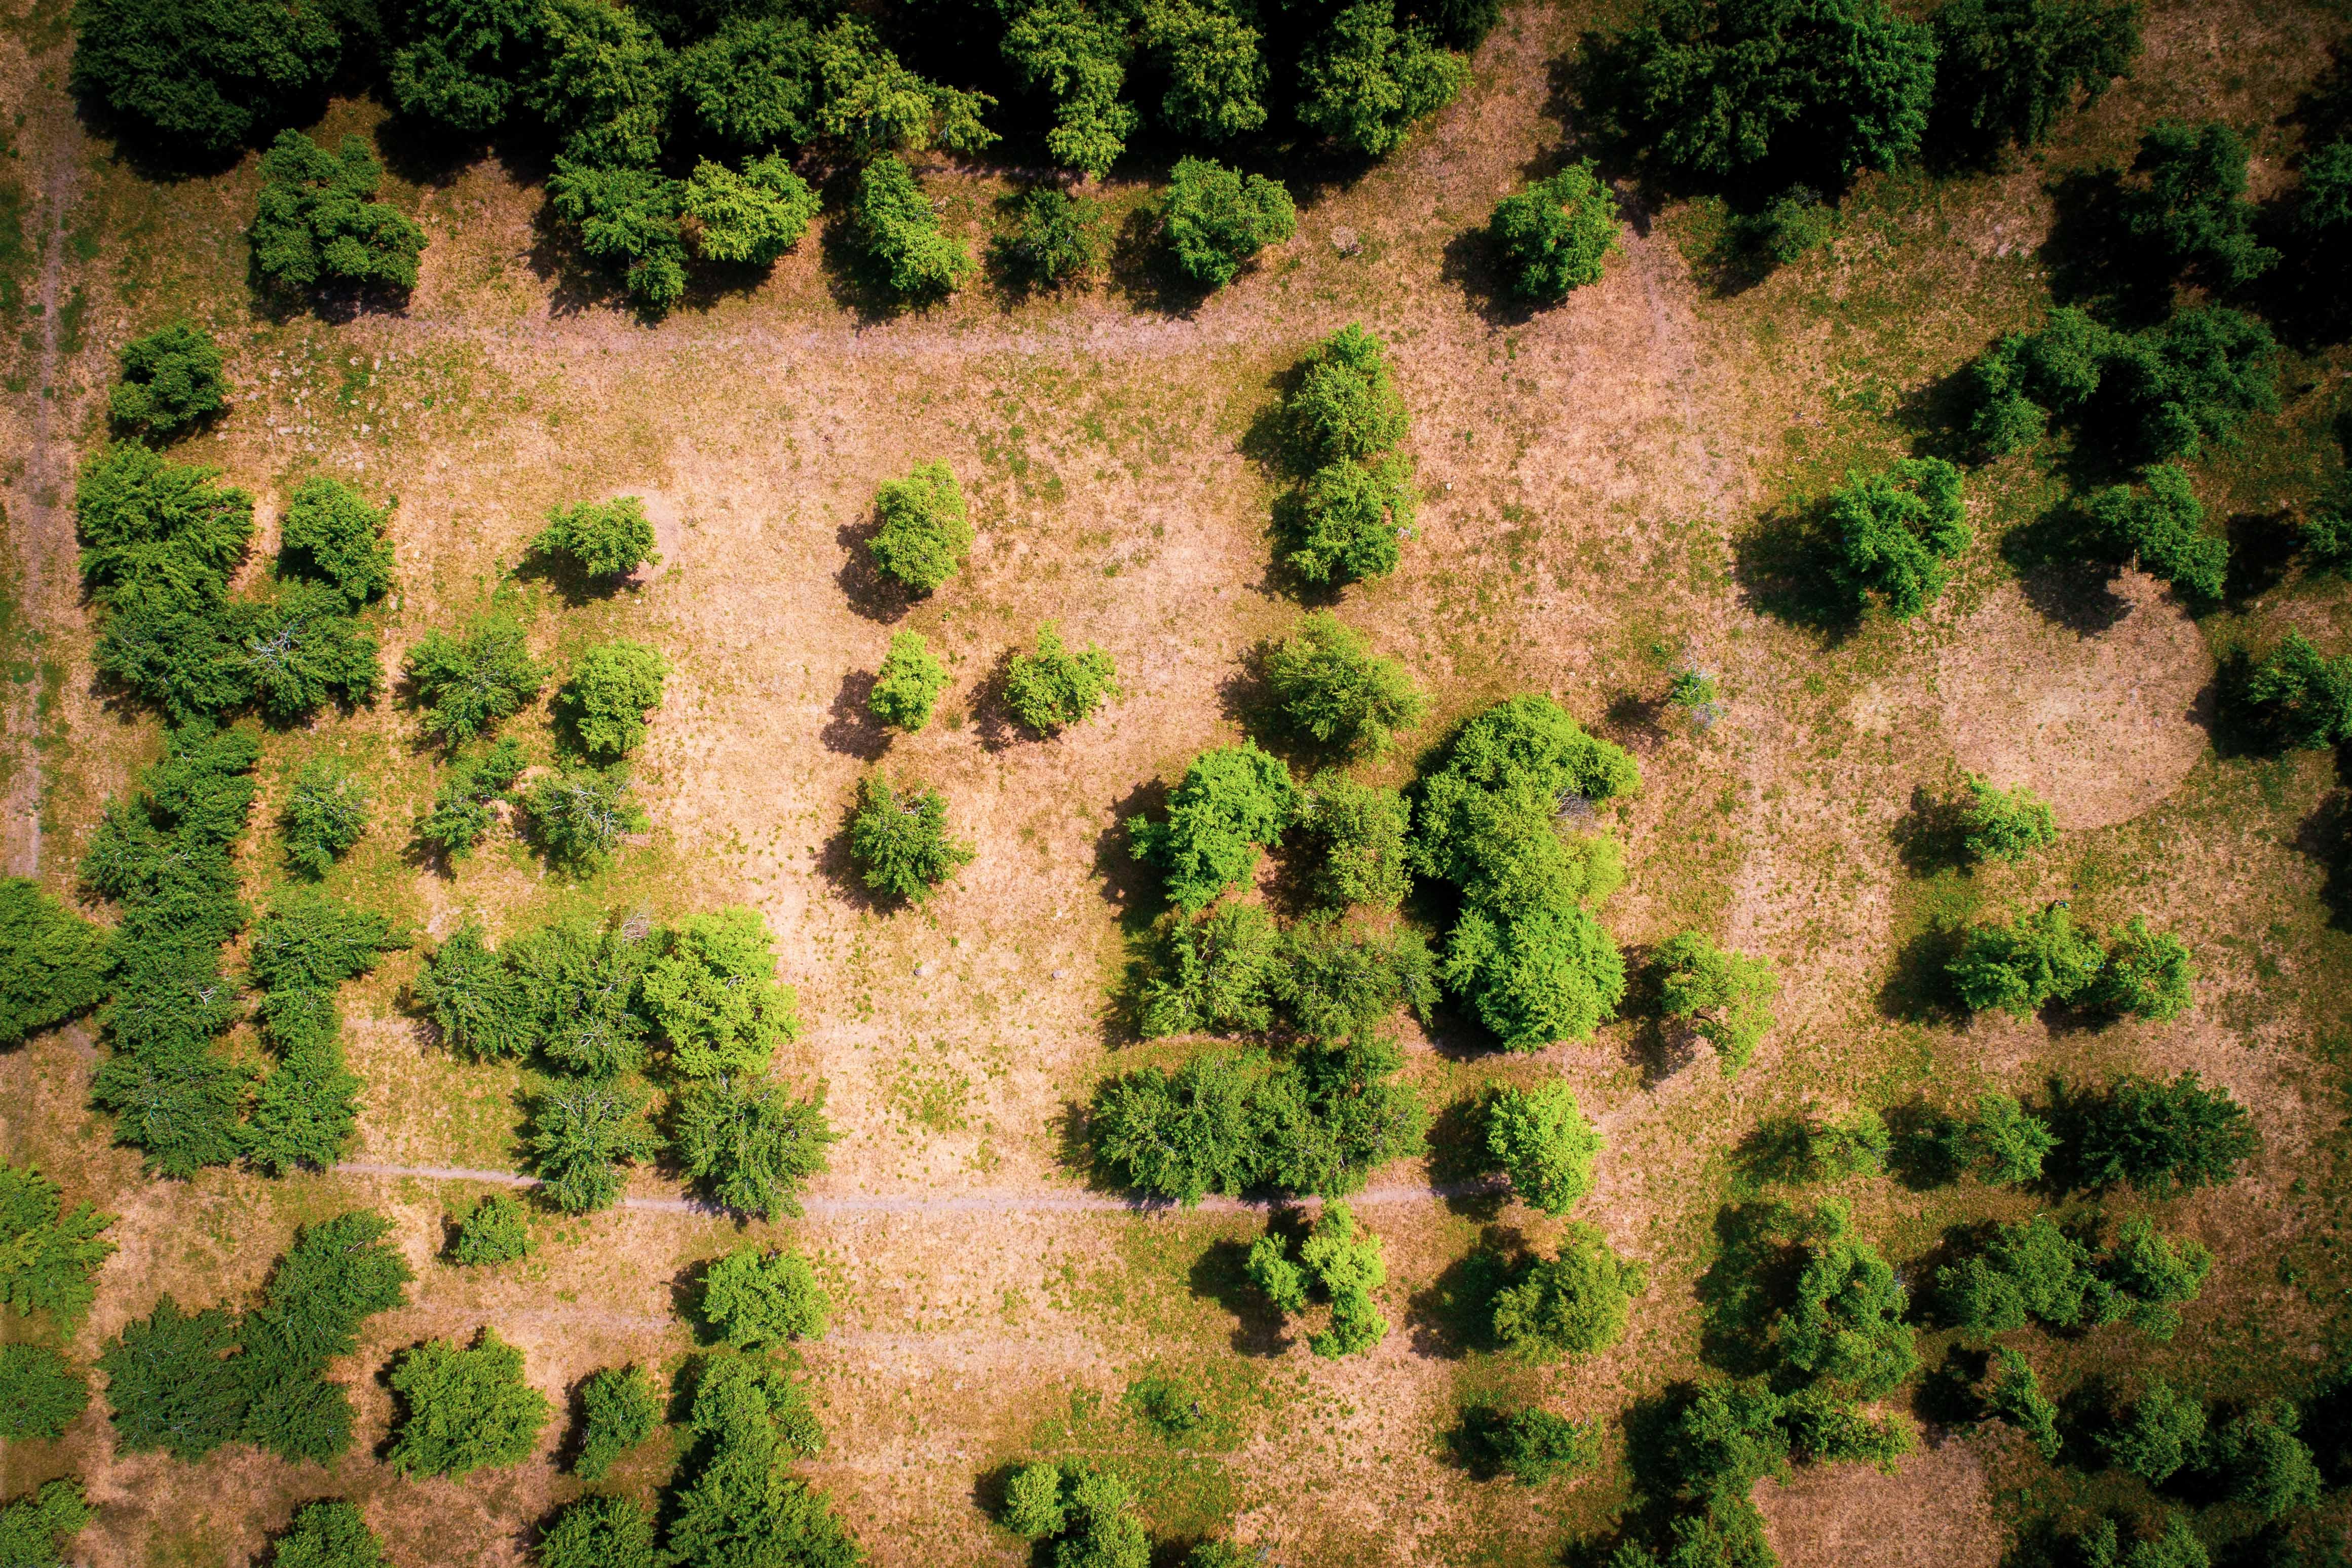 """Metereologai teigia, kad stichinė sausra aktyviosios augalų vegetacijos laikotarpiu alina 6 savivaldybes. Sausringas laikotarpis tęsiasi jau 27 savivaldybių teritorijose. Kaip sako S. Paltanavičius - <a href=""""https://www.15min.lt/naujiena/aktualu/orai/s-paltanavicius-dabar-padeti-pakeis-tik-lietus-60-987928"""">Mums reikia laukti lietaus. Jo tikrai bus. Juk čia pat Joninės, o jos Lietuvoje retai kada būna be lietaus!</a> Galerijoje galite pamatyti kaip atrodo sausros alinamas Vilnius ir jo apylinkės. Vakar <i>15min</i> studijoje viešėjęs klimatologas dr. Donatas Valiukas teigė, kad tokie anomalūs reiškiniai dėl klimato kaitos tik dažnės. Visą pokalbį su specialistu apie tokių karštų ir sausringų orų priežastis, apie tai, kokių dar neįprastų orų tikėtis šią vasarą ir kokių pasekmių jie gali turėti mums ir mūsų gamtai, galite pamatyti – <a href=""""https://www.15min.lt/gyvenimas/video/15min-studijoje-klimatologo-izvalgos-ko-tiketis-is-neiprastu-sios-vasaros-oru-139670"""">čia</a>."""